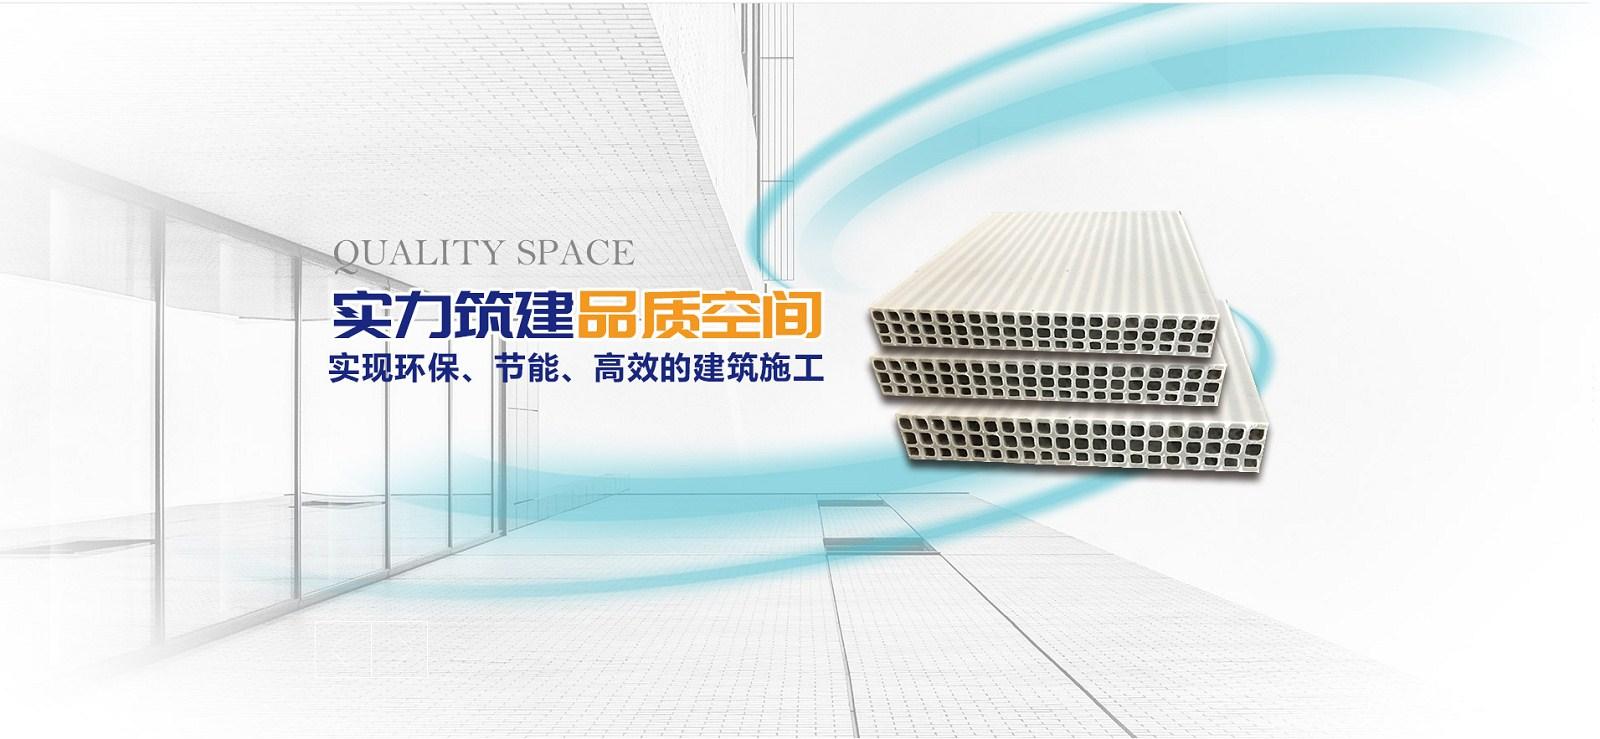 青岛盛美隆新型建材科技有限公司